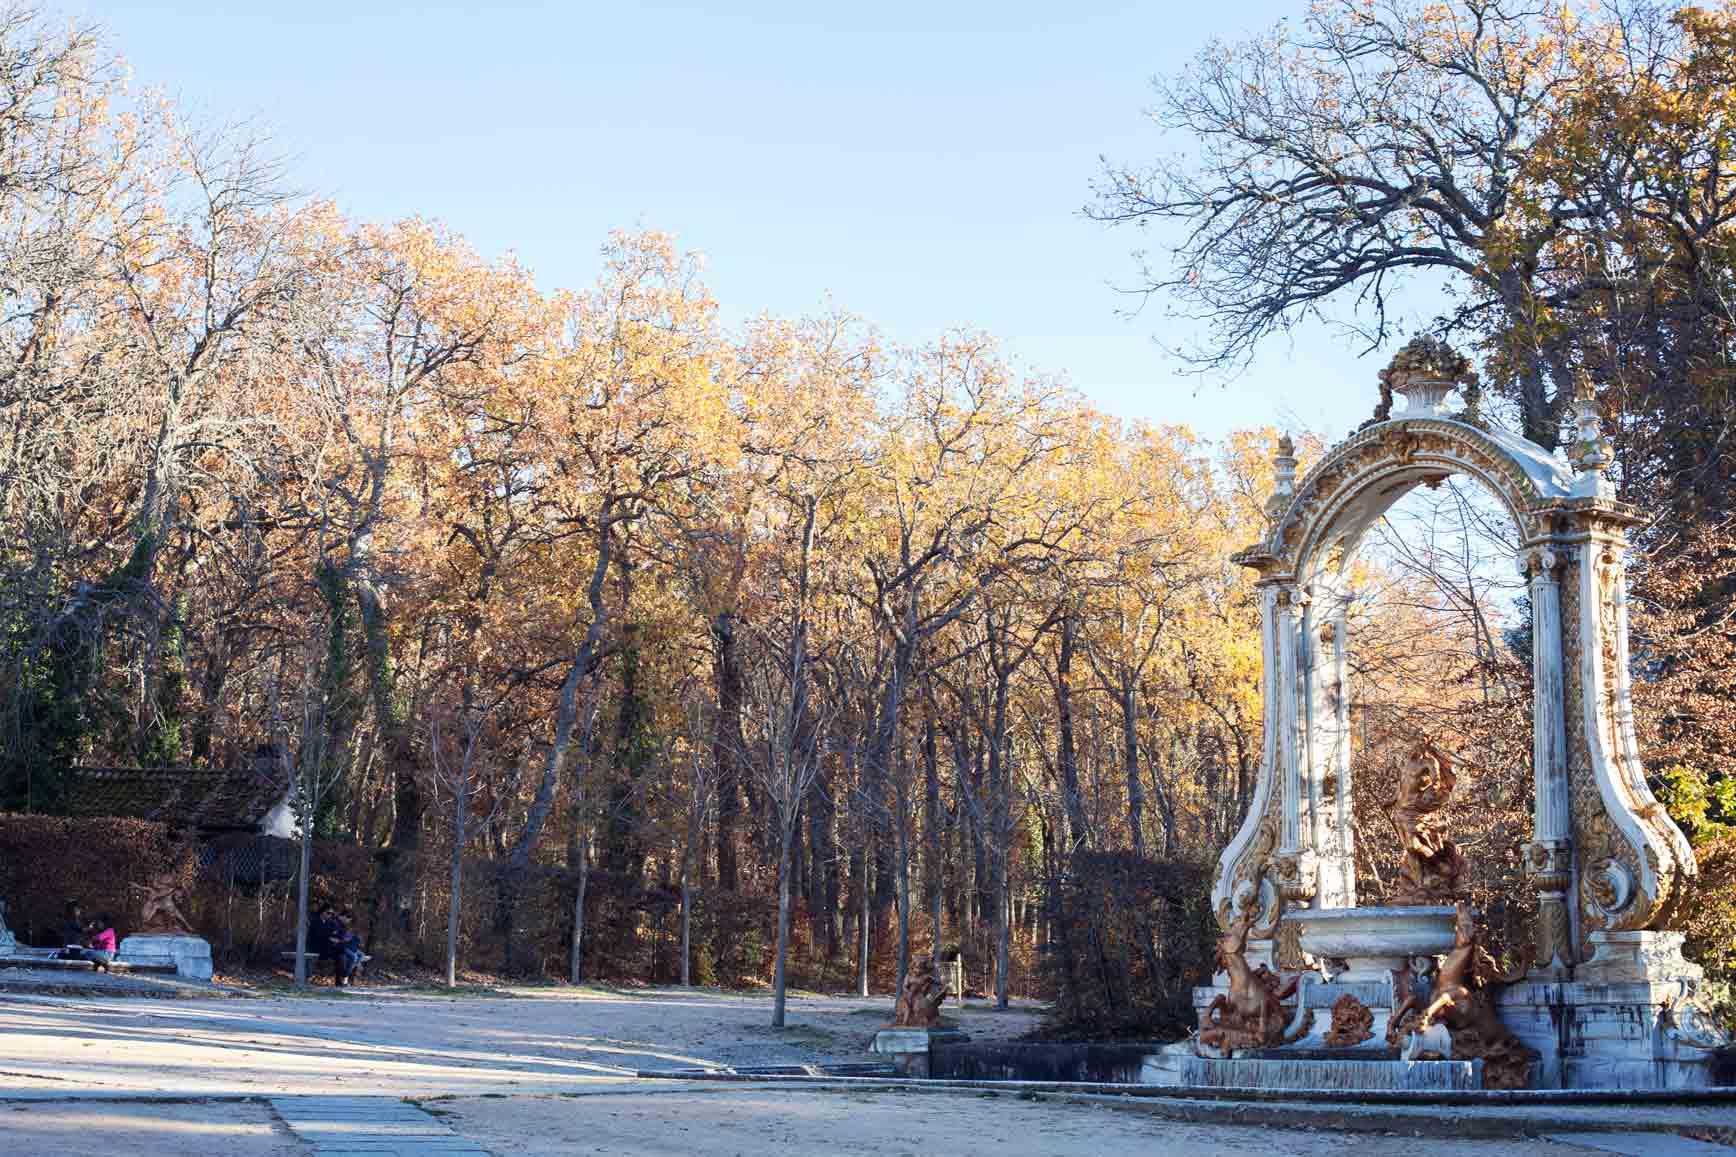 Granja-San-Ildefonso-claraBmartin-34